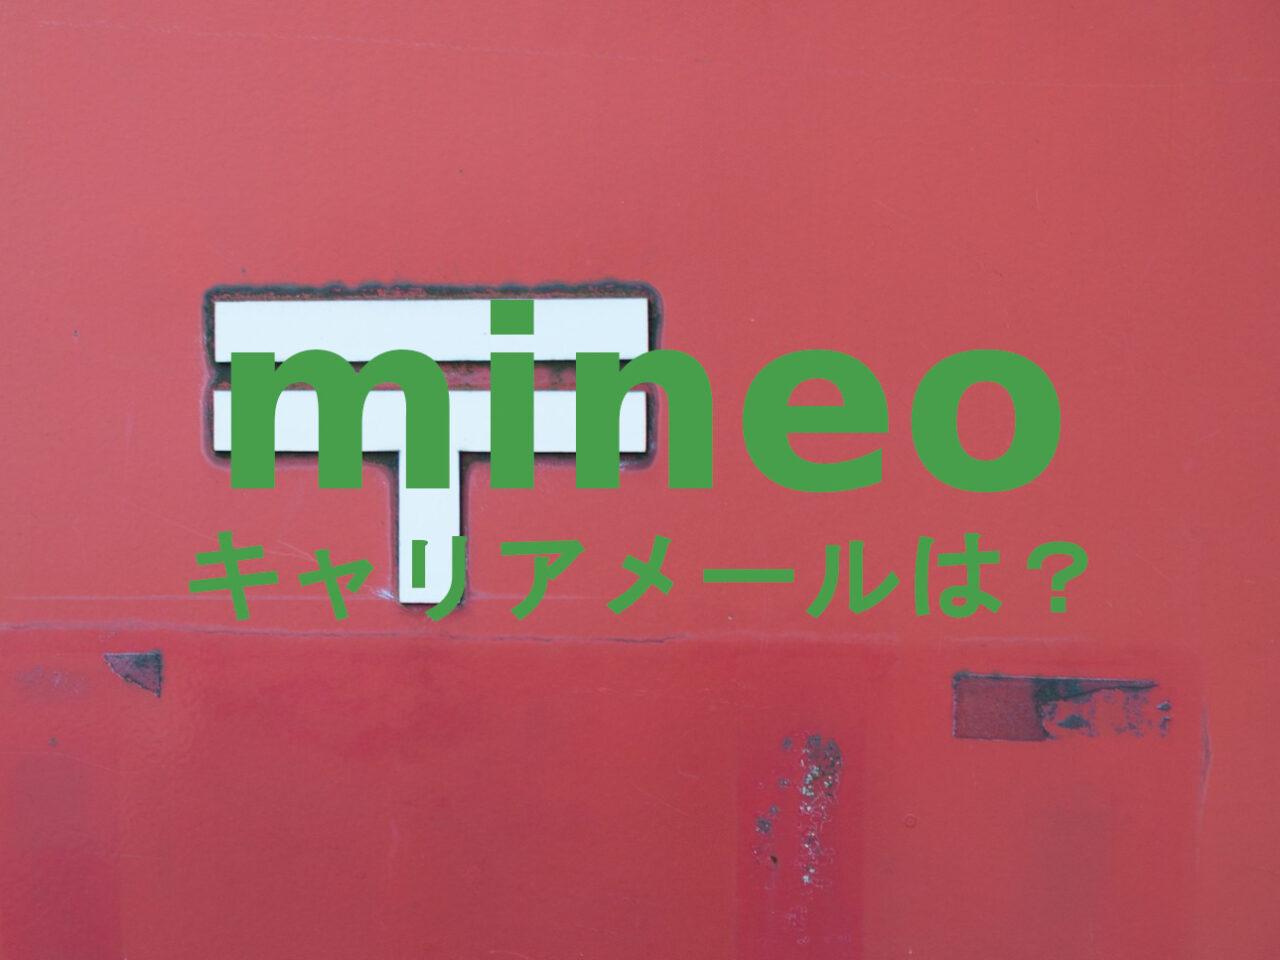 mineo(マイネオ)でメールアドレス(キャリアメール)は使える?対応している?のサムネイル画像